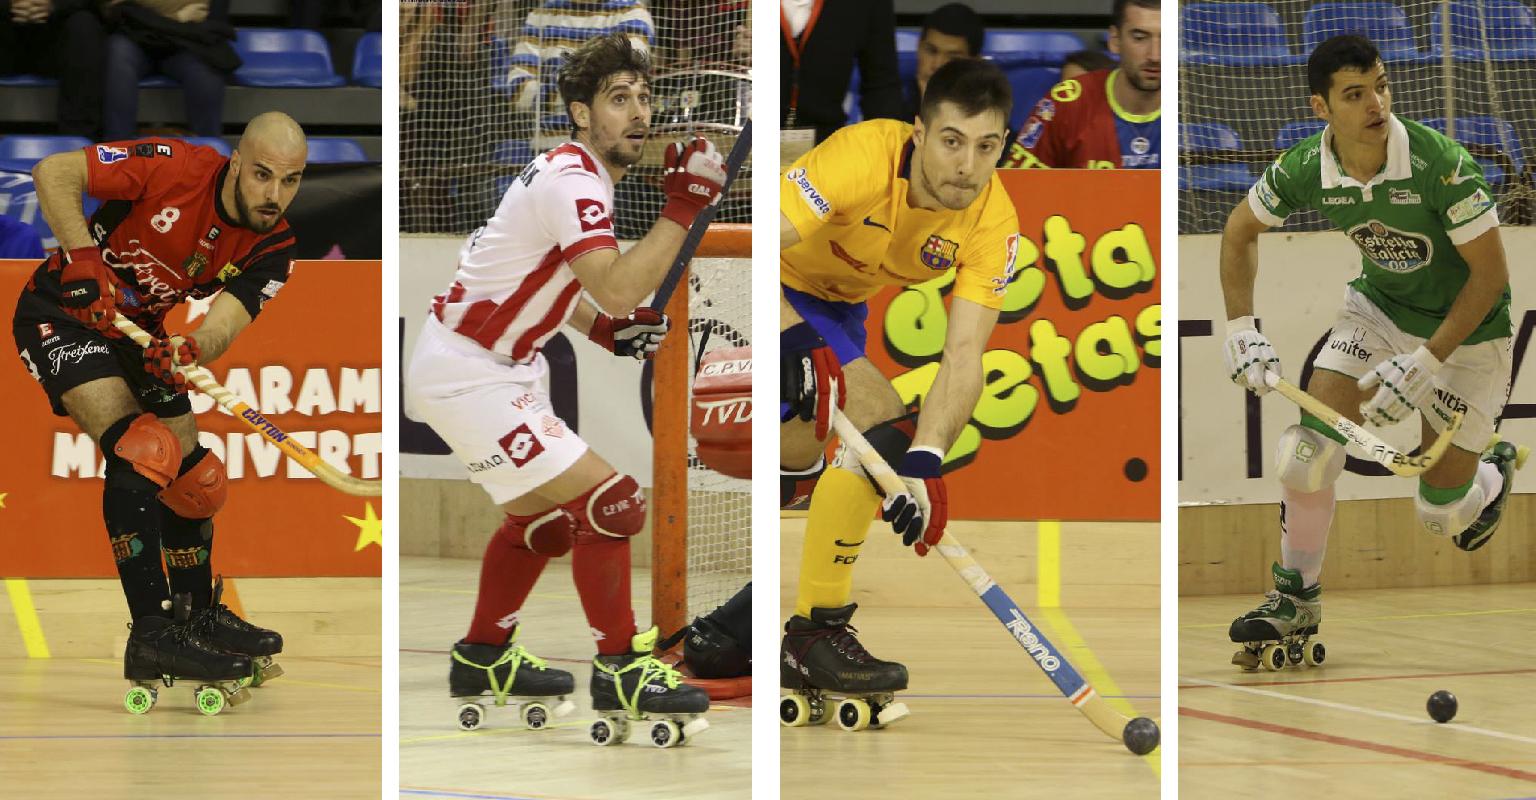 Peta Zetas felicita a los campeones de la Copa del Rey Hockey Patines 1